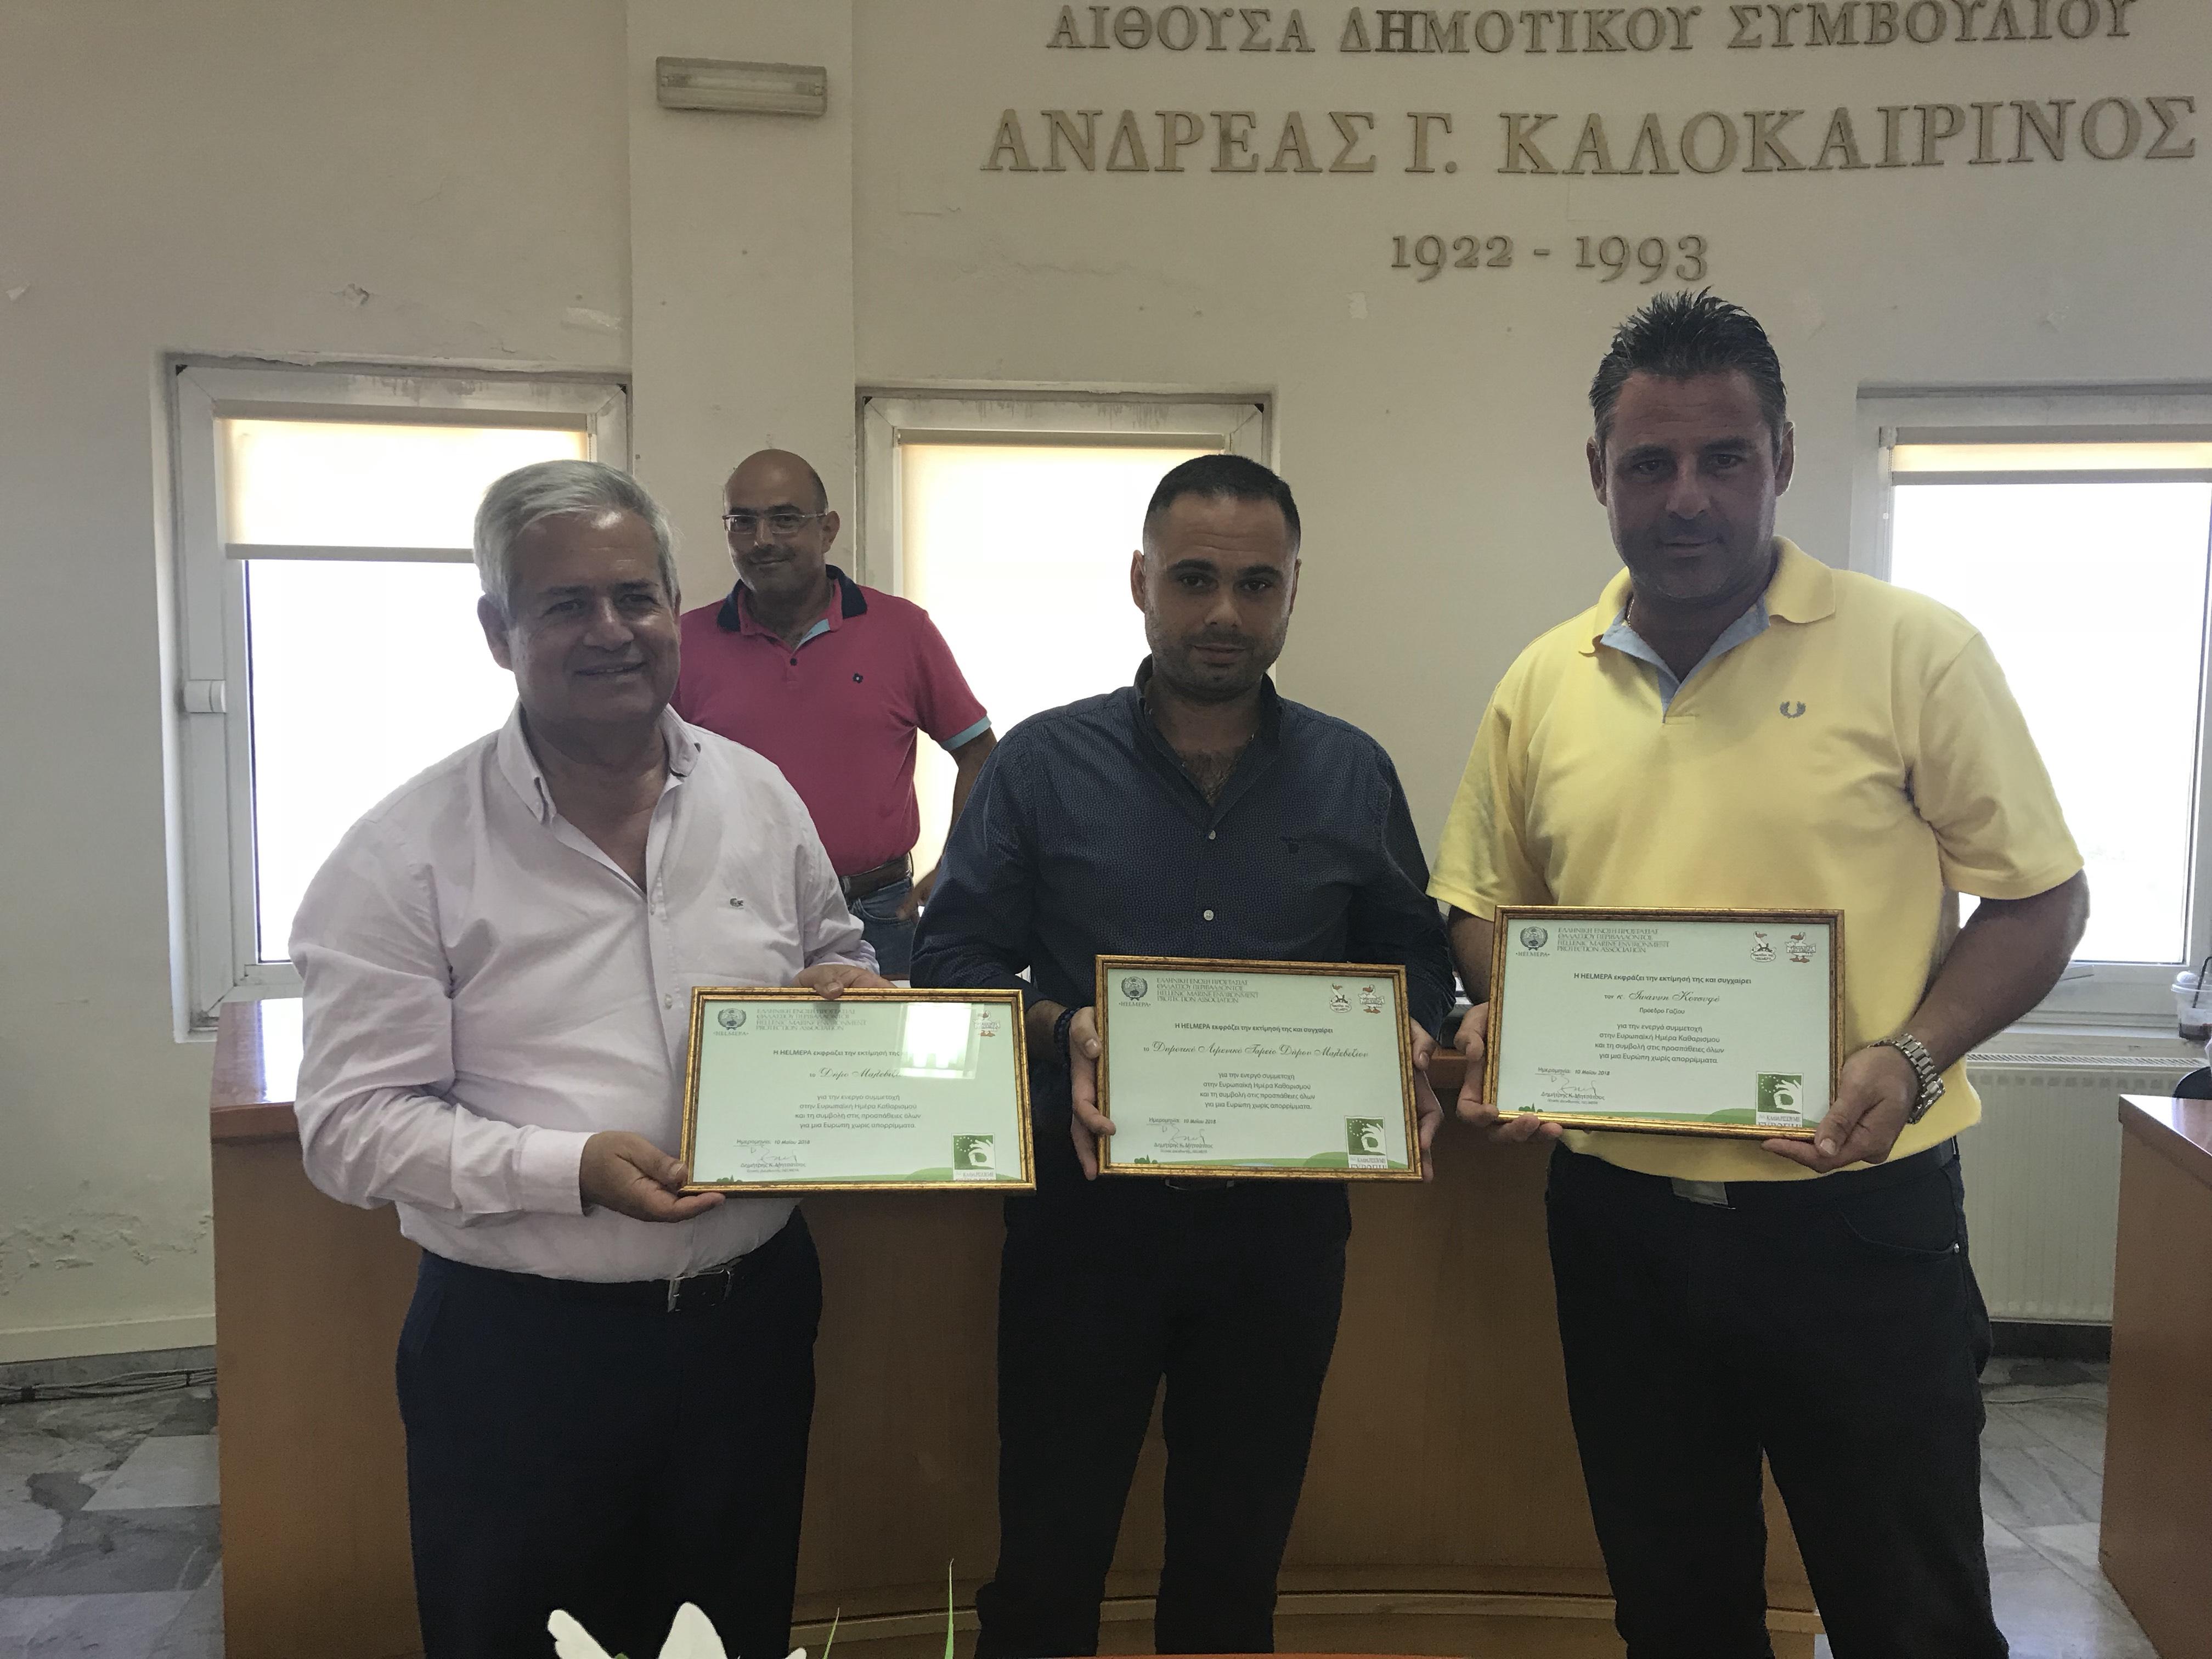 Βραβείο από την HELMEPA για τον Δήμο Μαλεβιζίου